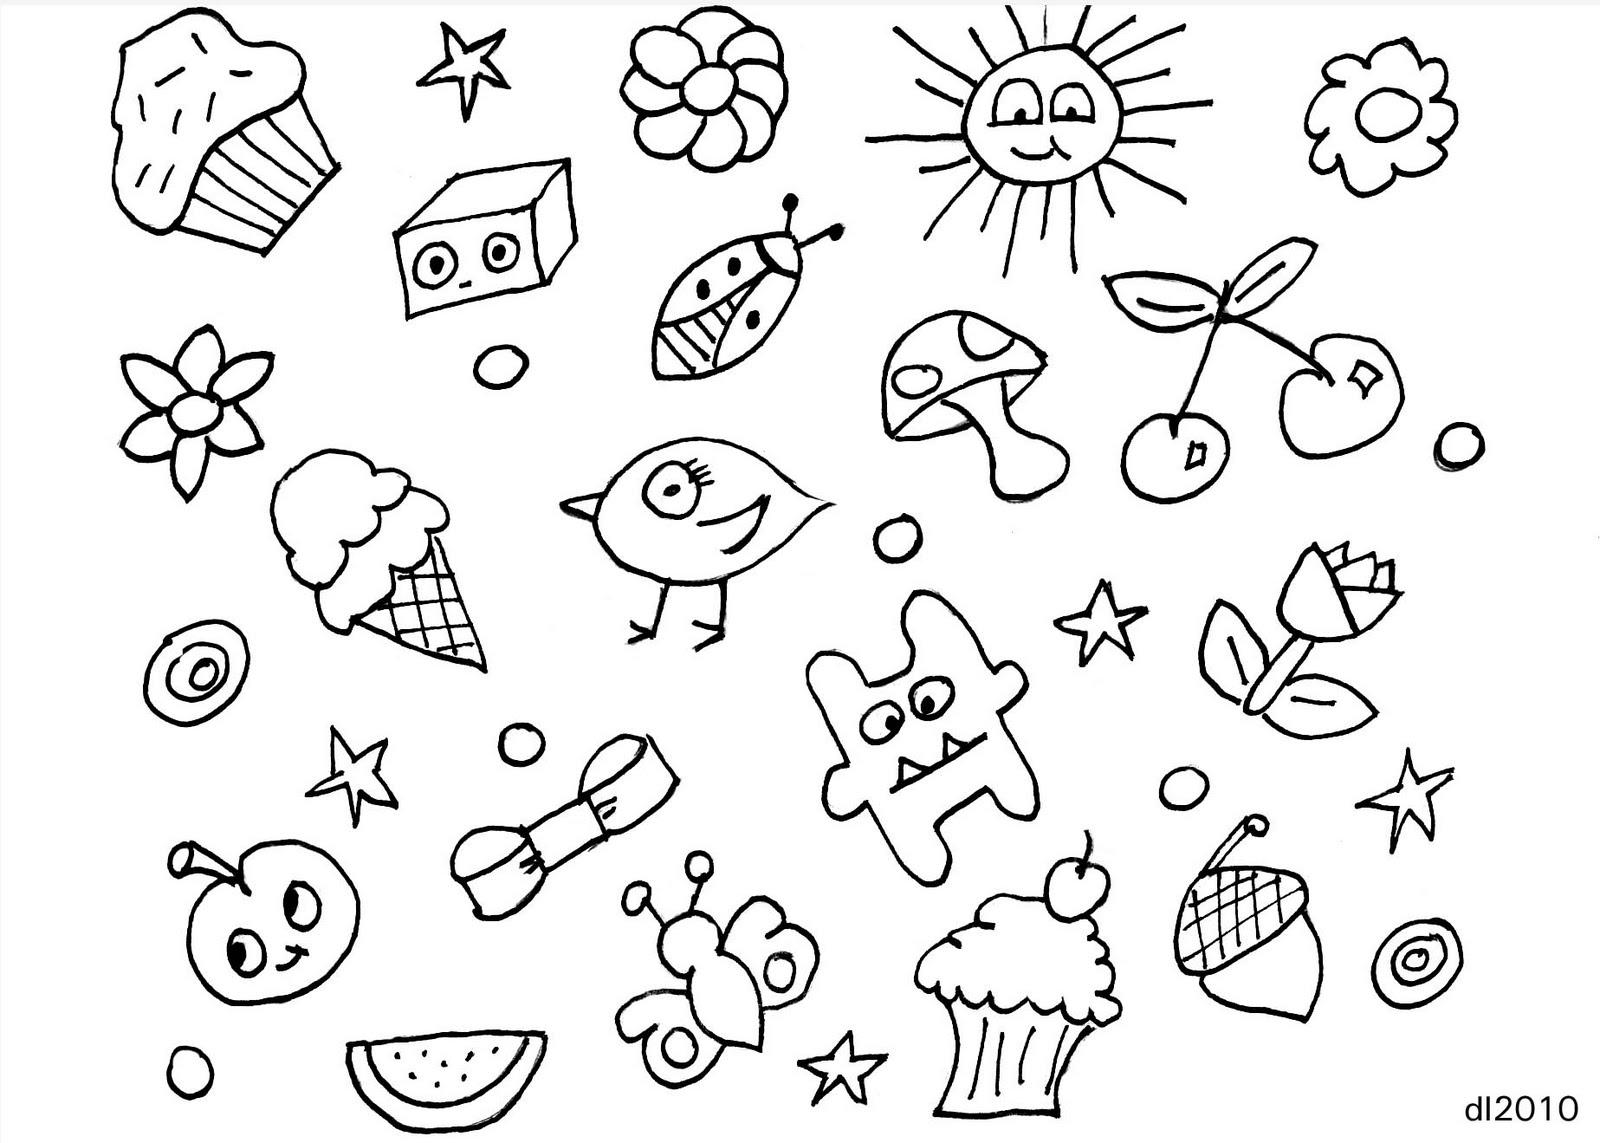 Cute Easy Doodles Cute Easy Dood Love